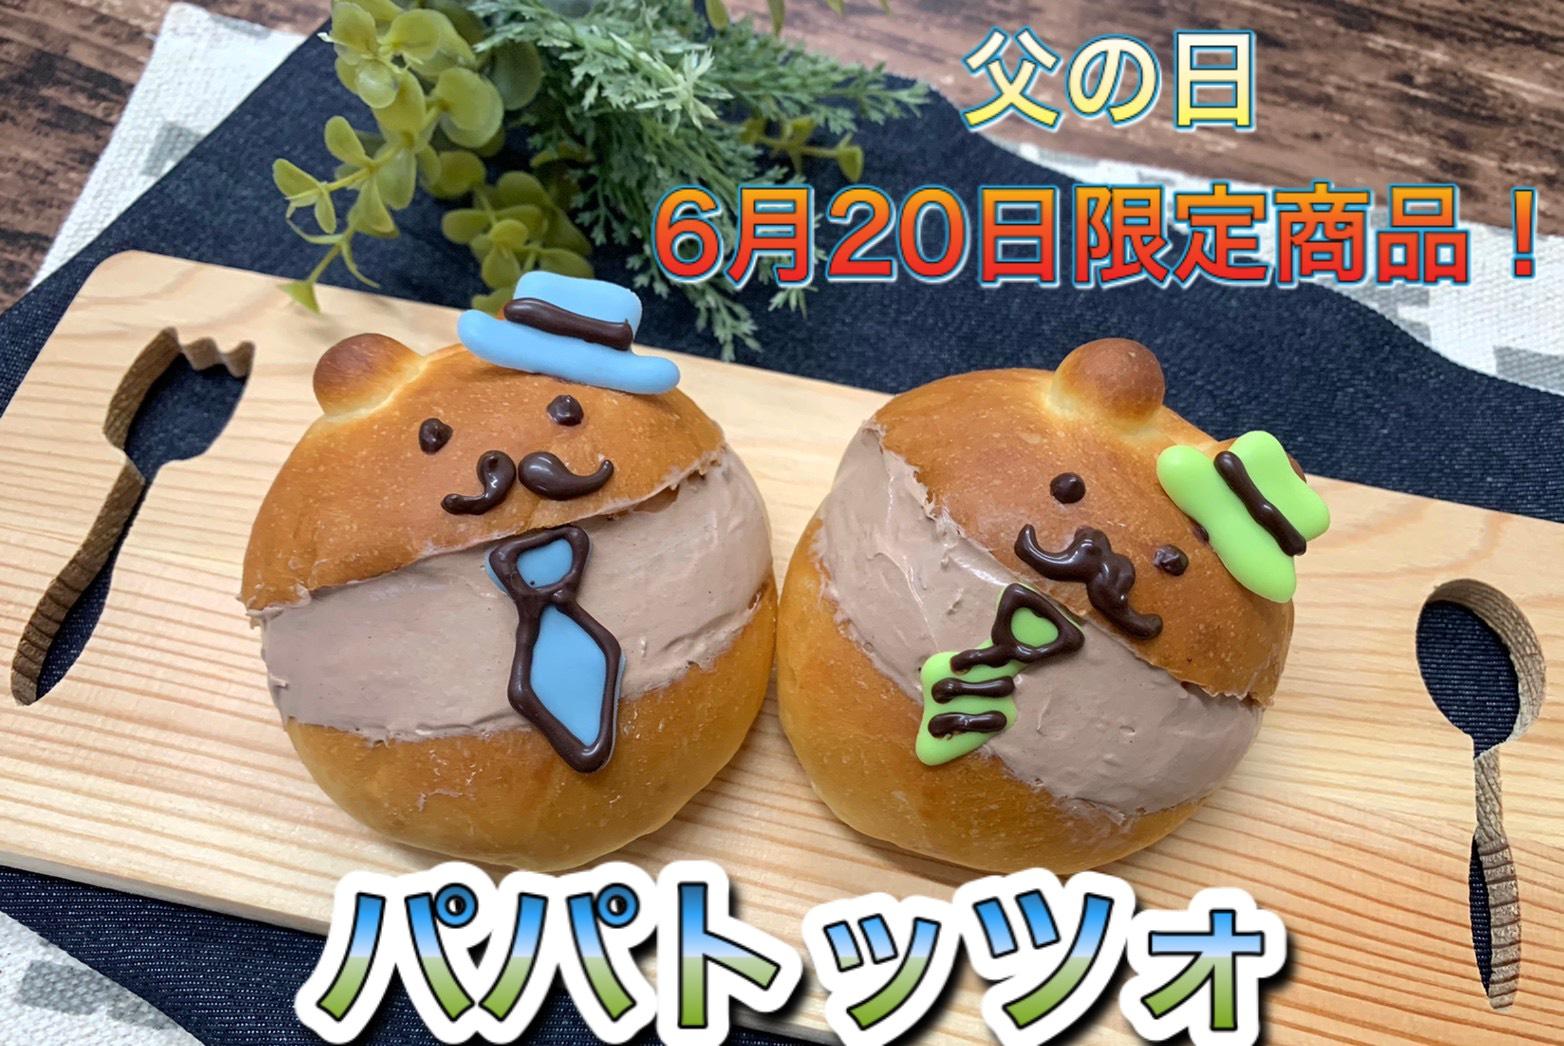 【豊橋西店】6月20日限定マリトッツォ♡